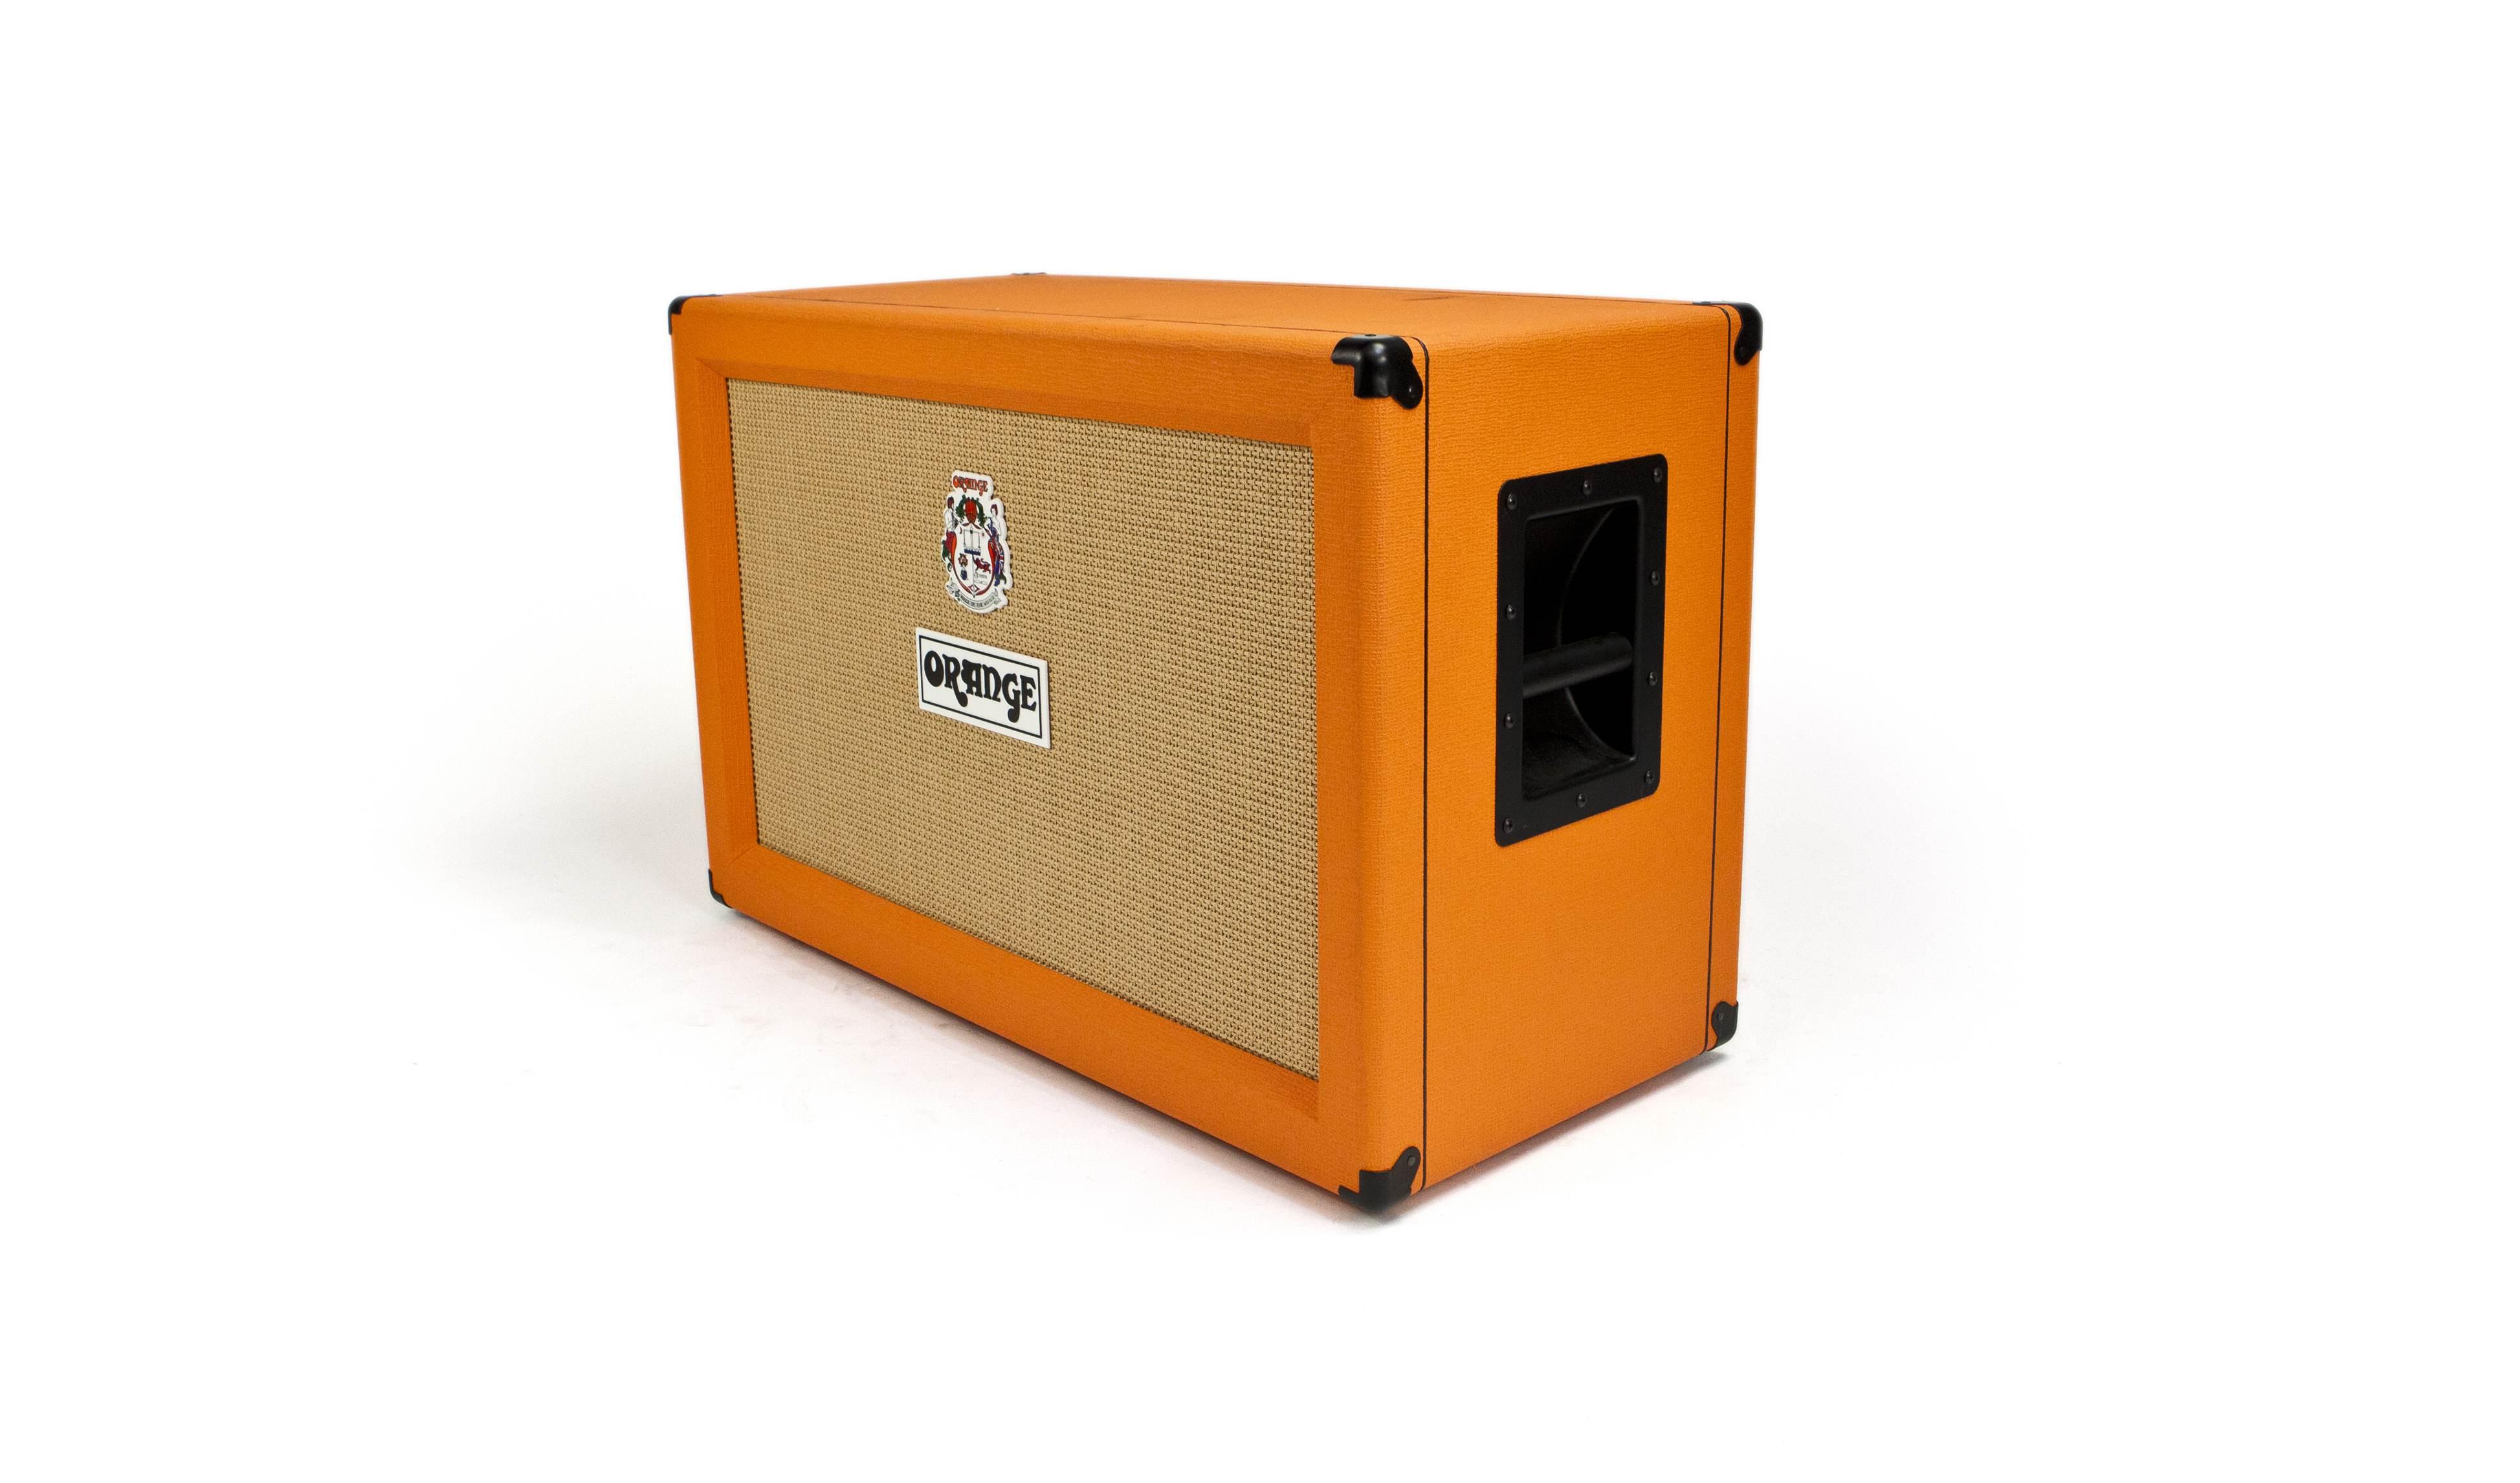 橘子Orange PPC212电吉他音箱